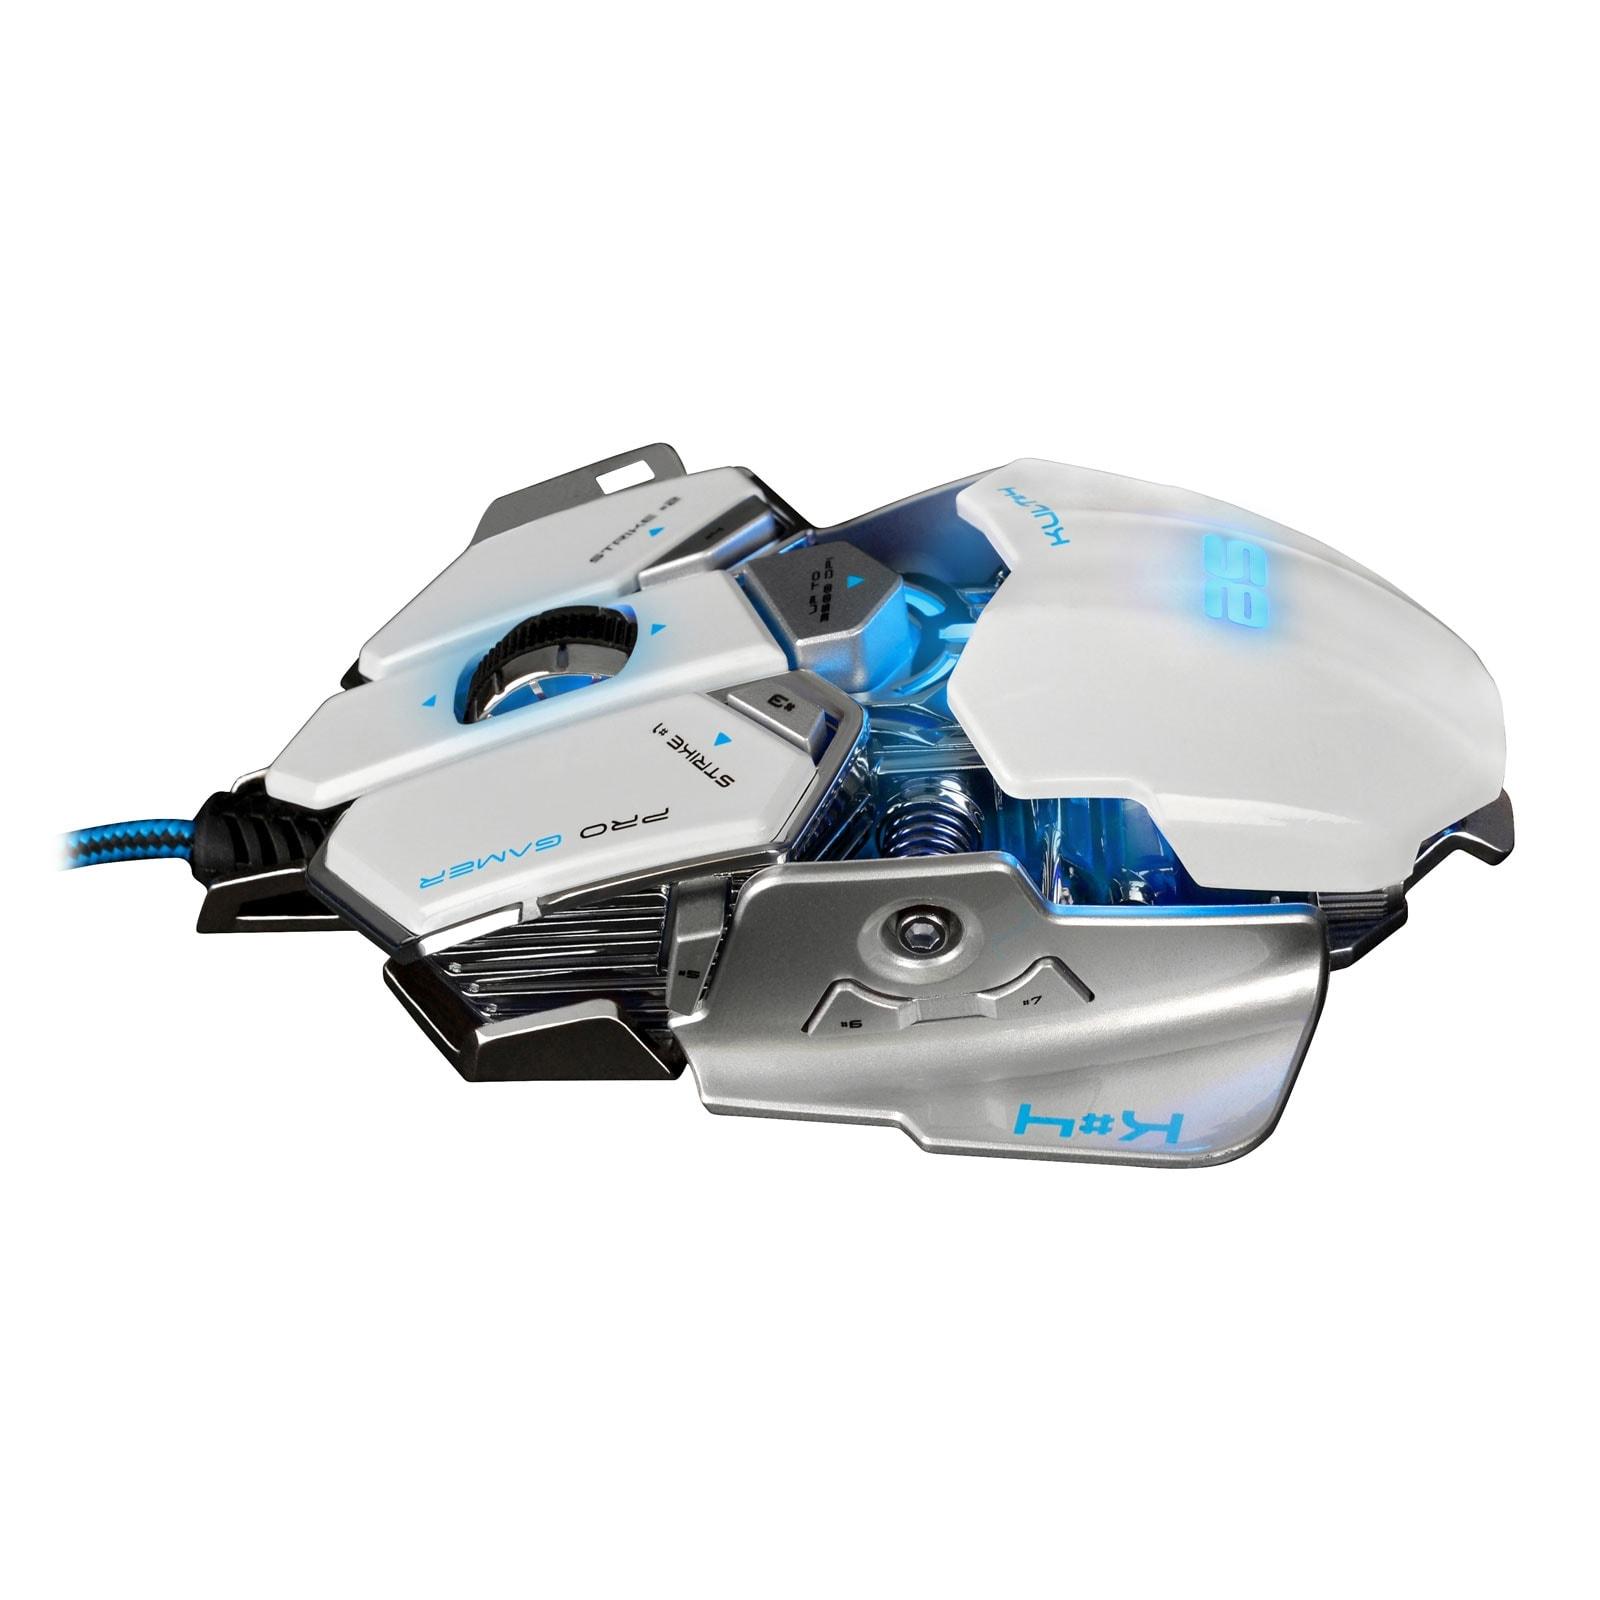 Bluestork KULT 4 WHITE ED. 3500dpi/Rétroéclairé/10 boutons (BS-GM-KULT4/W) - Achat / Vente Souris PC sur Cybertek.fr - 3